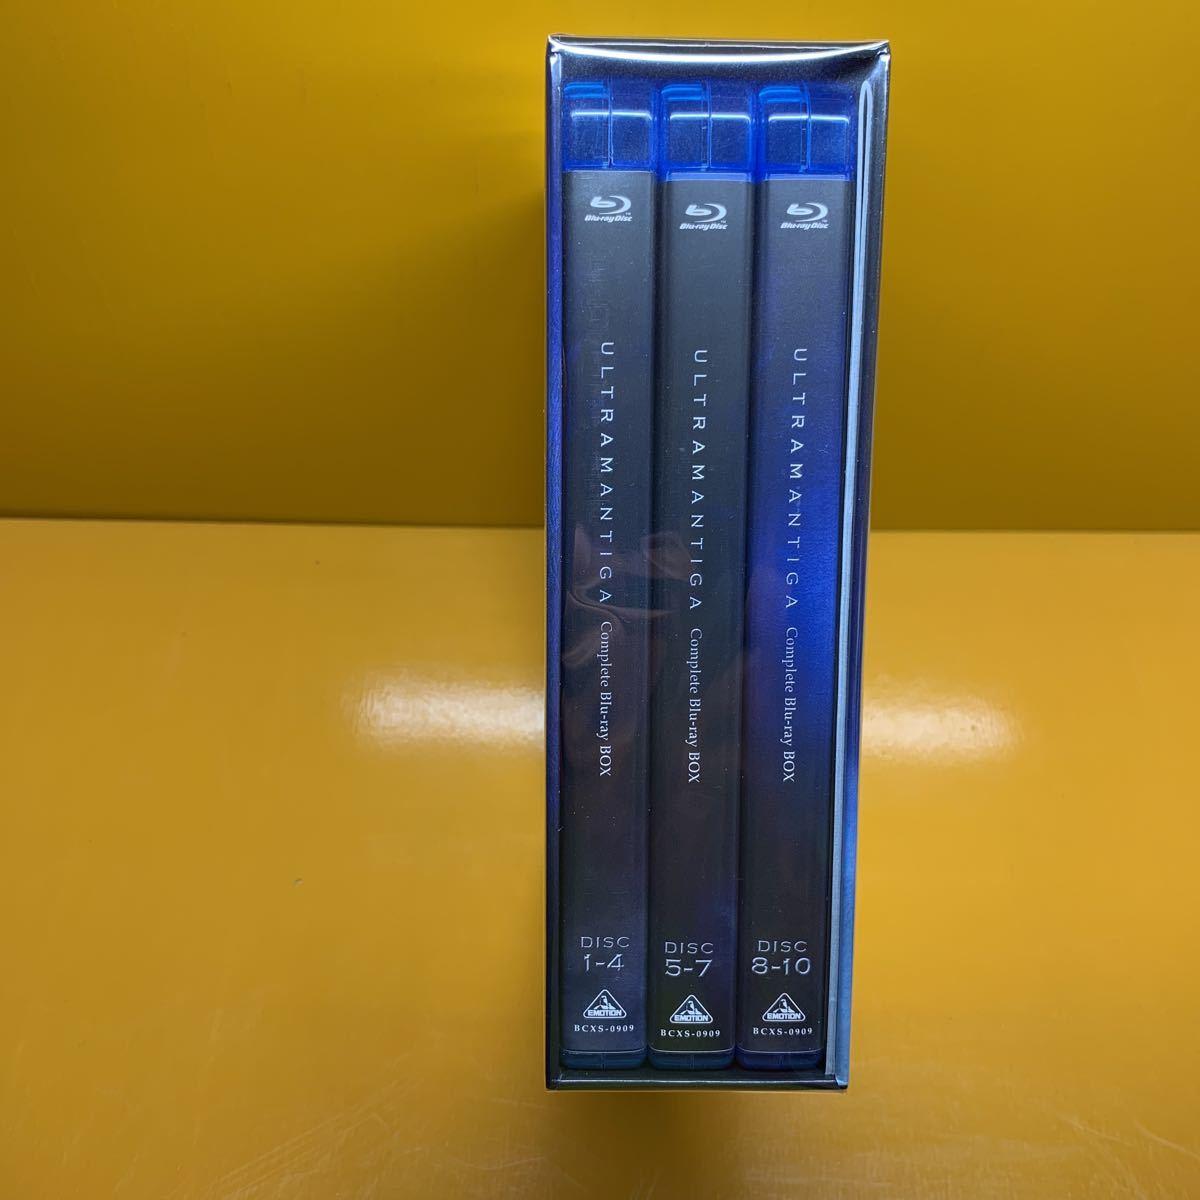 ウルトラマンティガ complete blu-ray box ブルーレイ